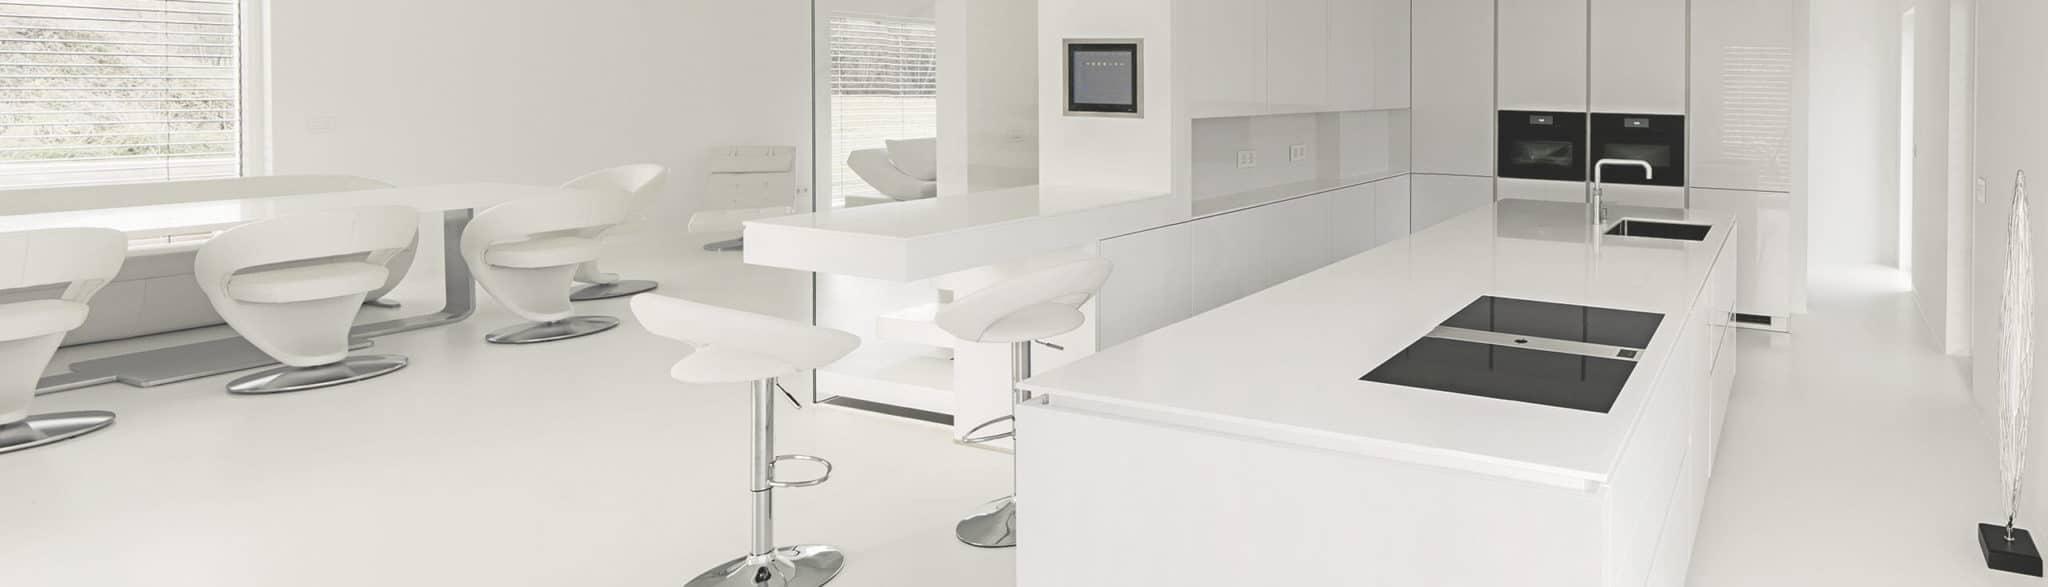 Cocina de diseño blanca - muebles de cocina en madrid